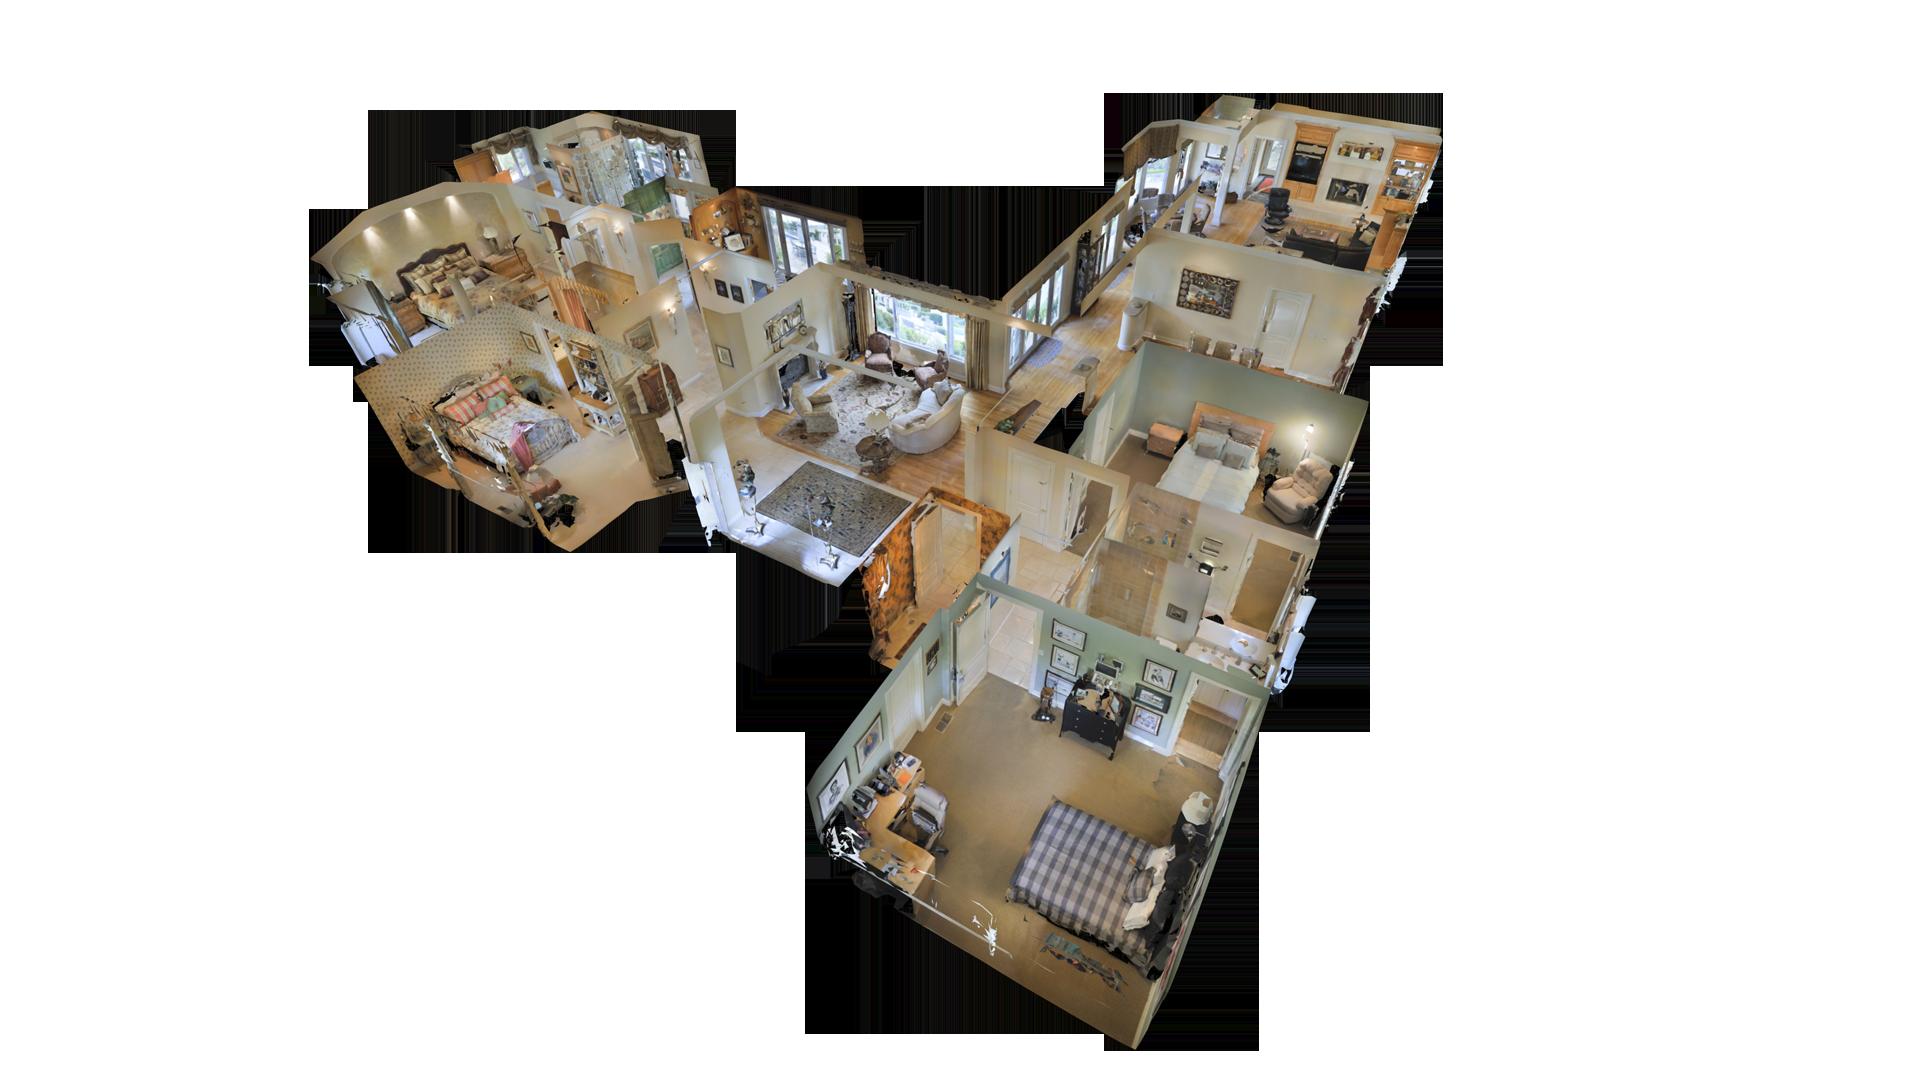 3D Interactive Tours